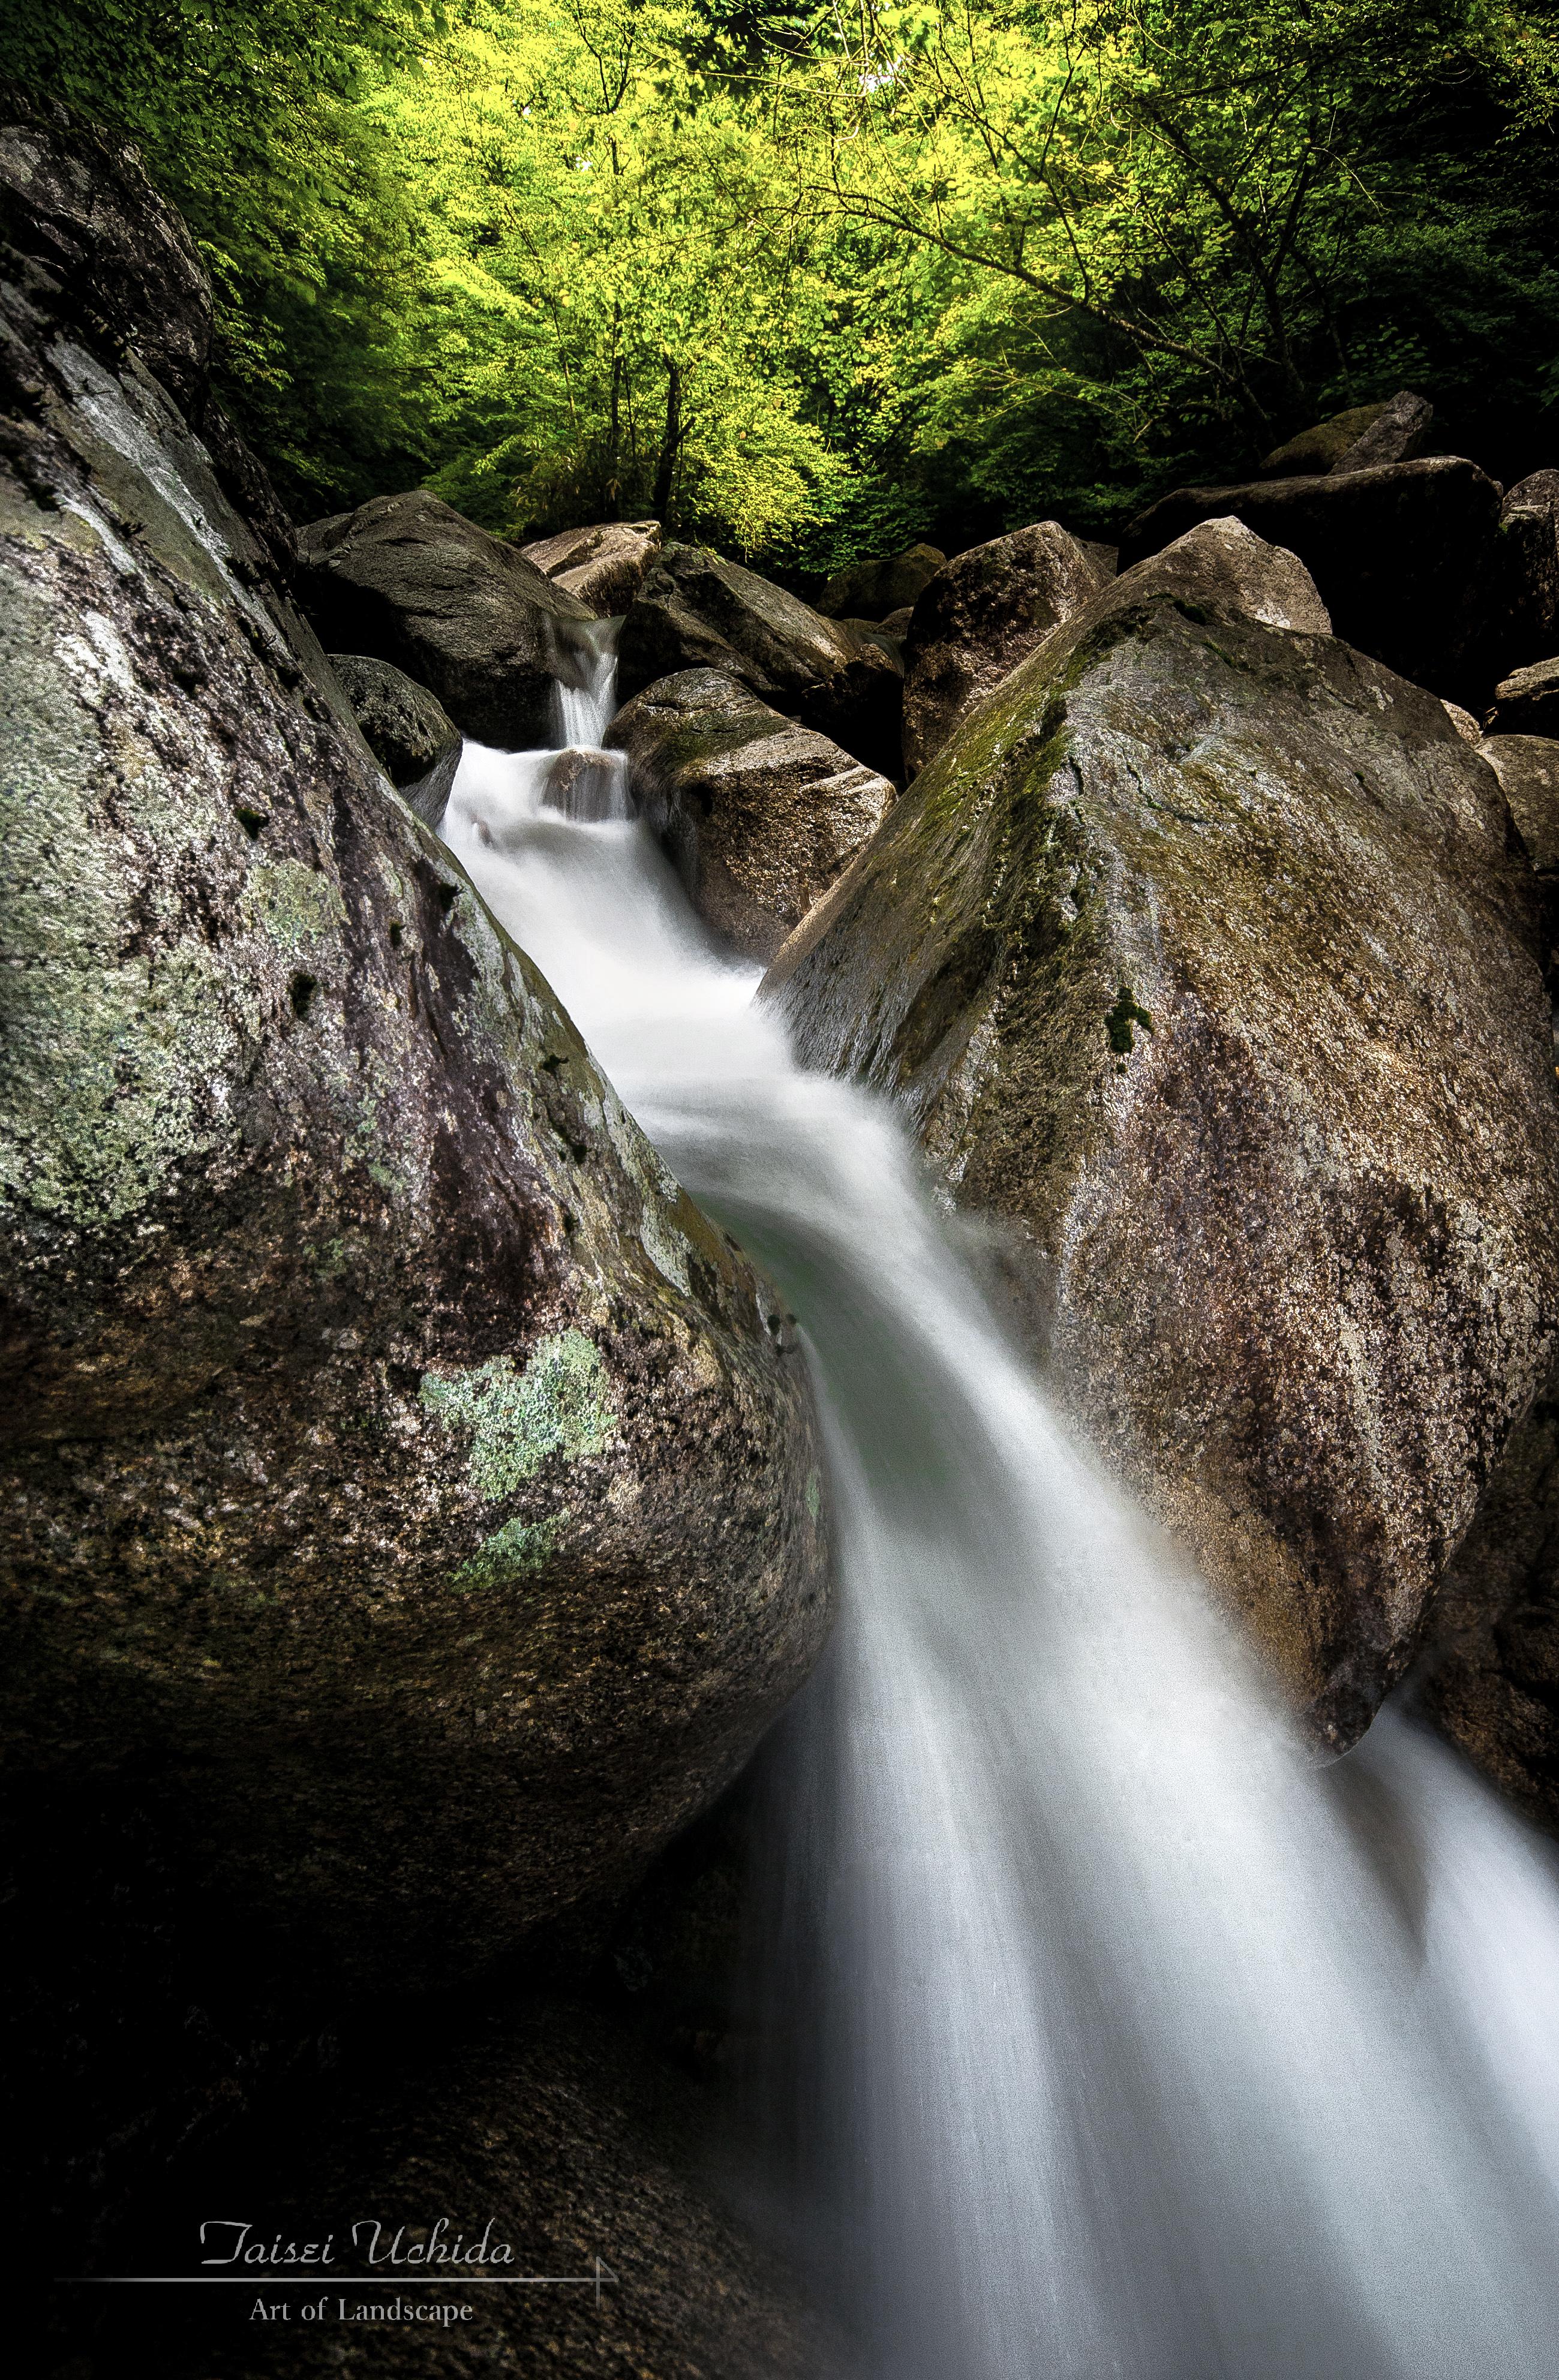 田立の滝 下流(無名)